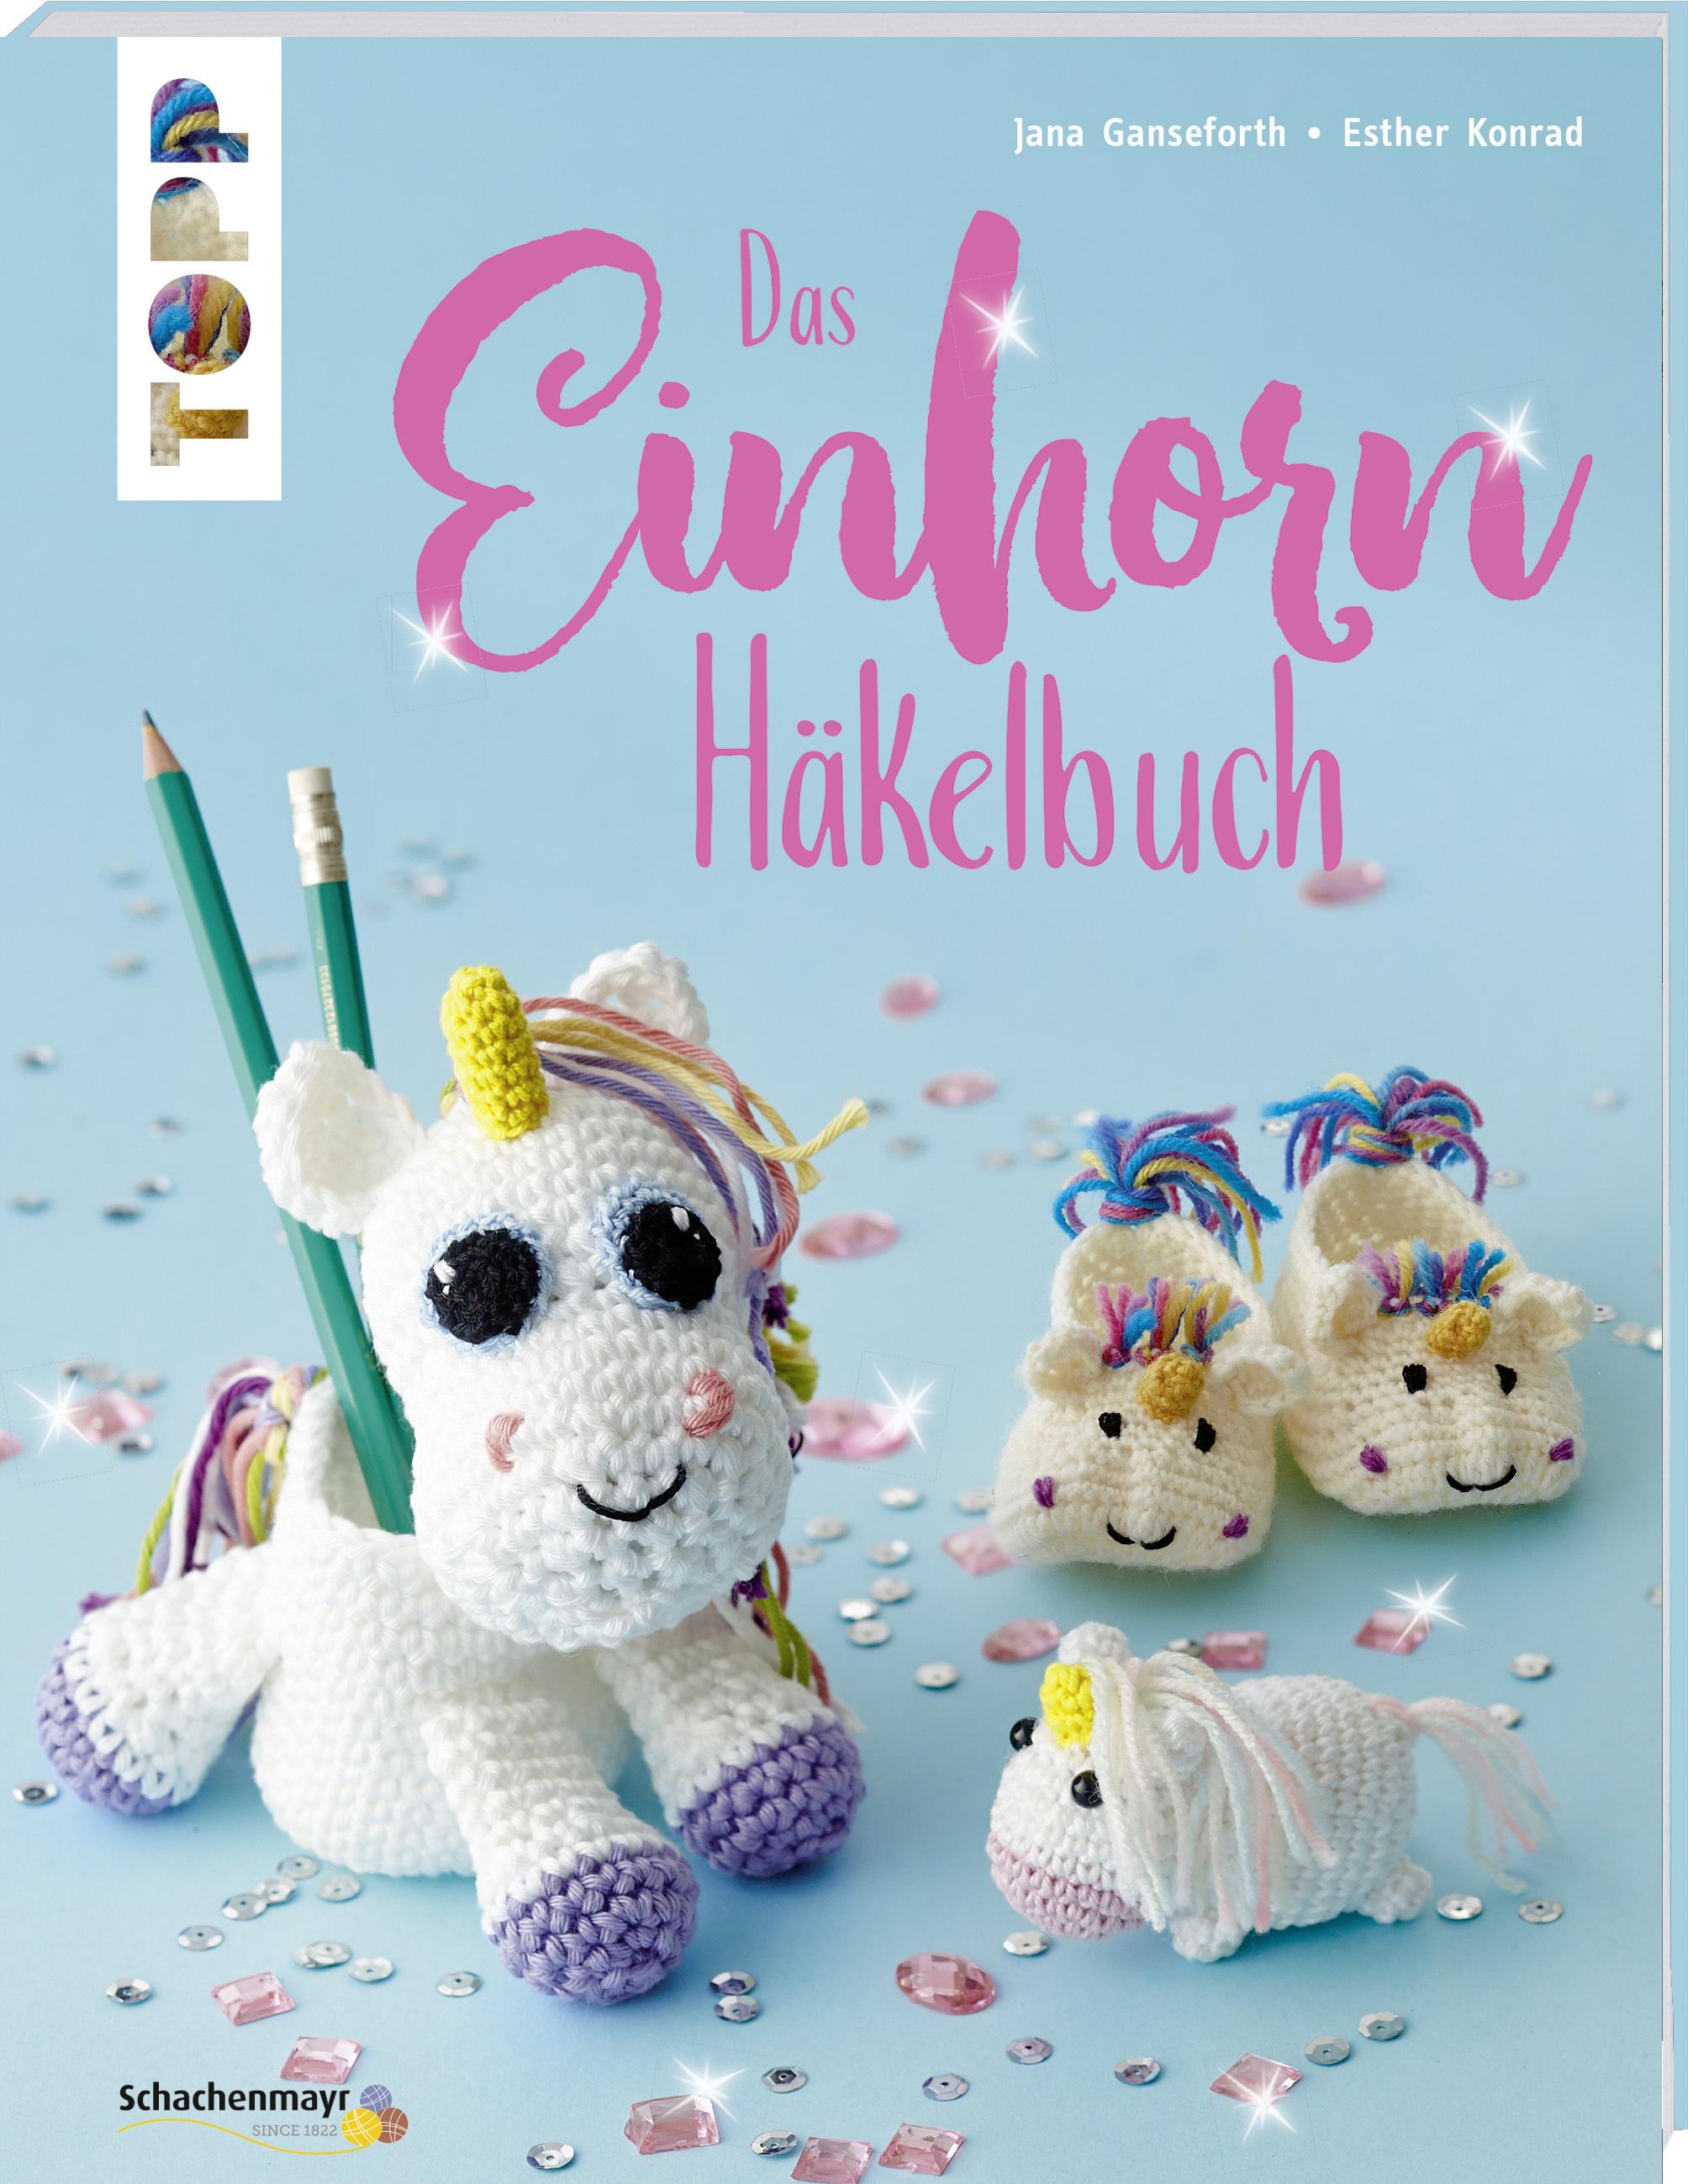 Das Einhorn Häkelbuch Buch Von Jana Ganseforth Und Esther Konrad